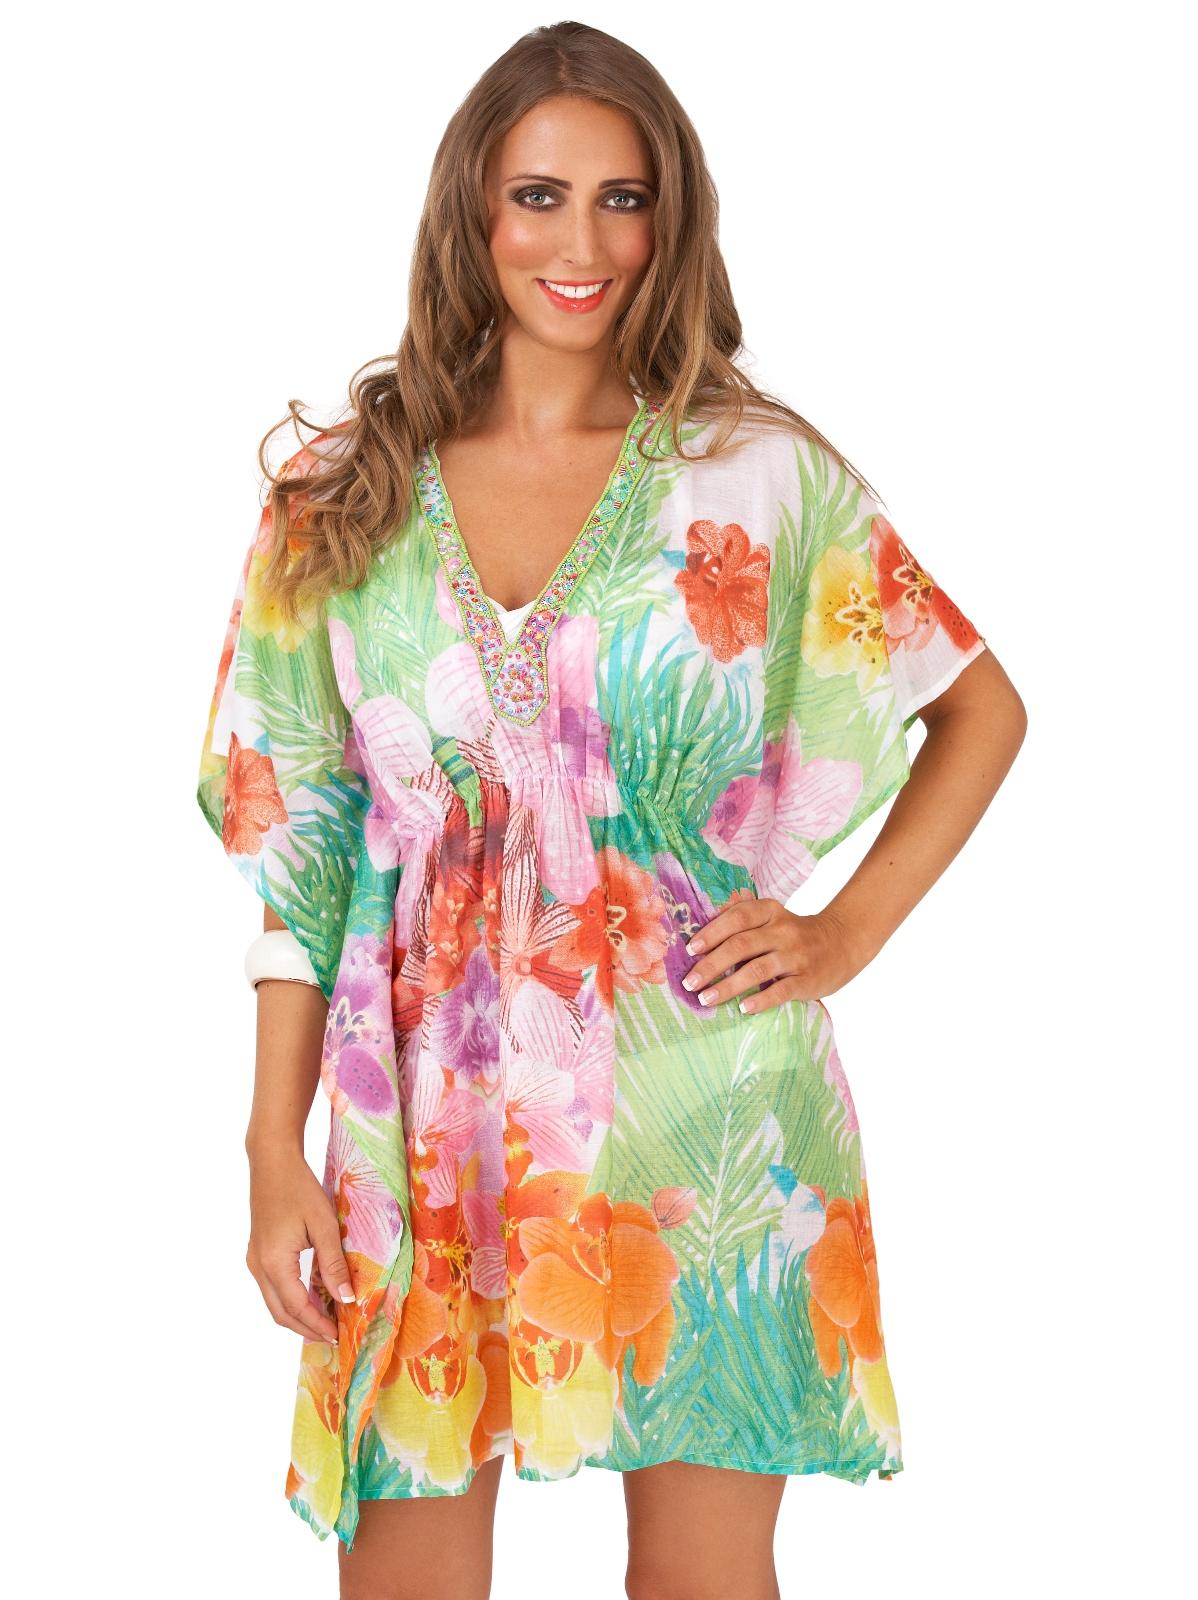 Womens Kaftan Sequin Summer Dress Top Cotton Beachwear